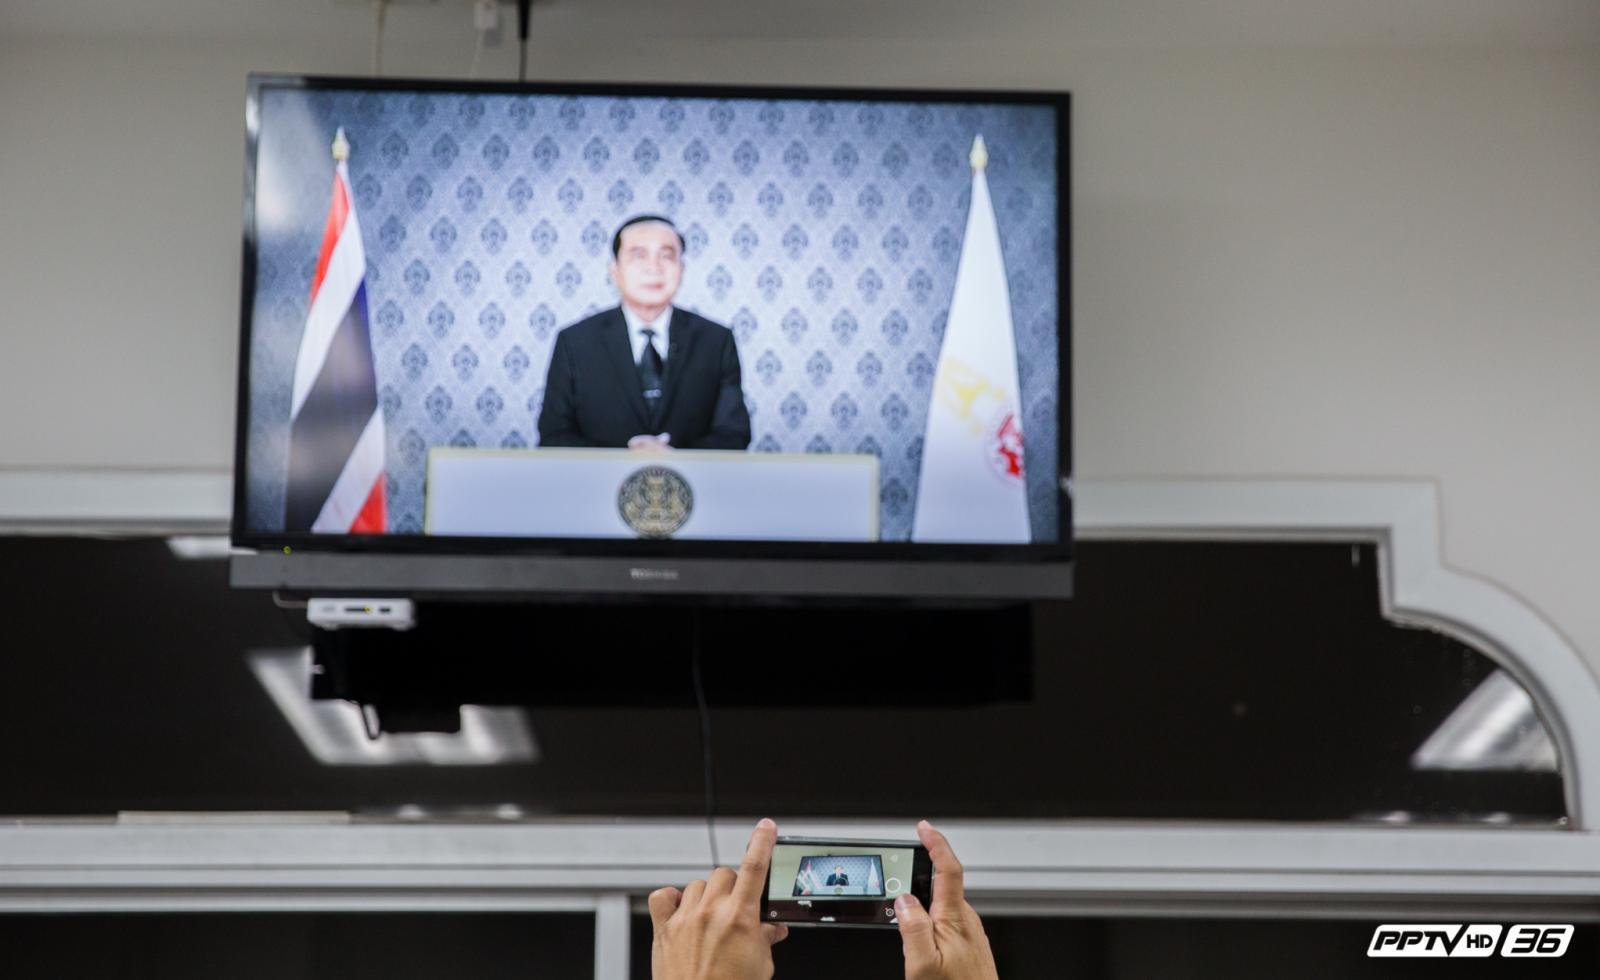 3 สมาคม เปิดให้ทีวีมีรายการปกติเริ่ม14 พ.ย.